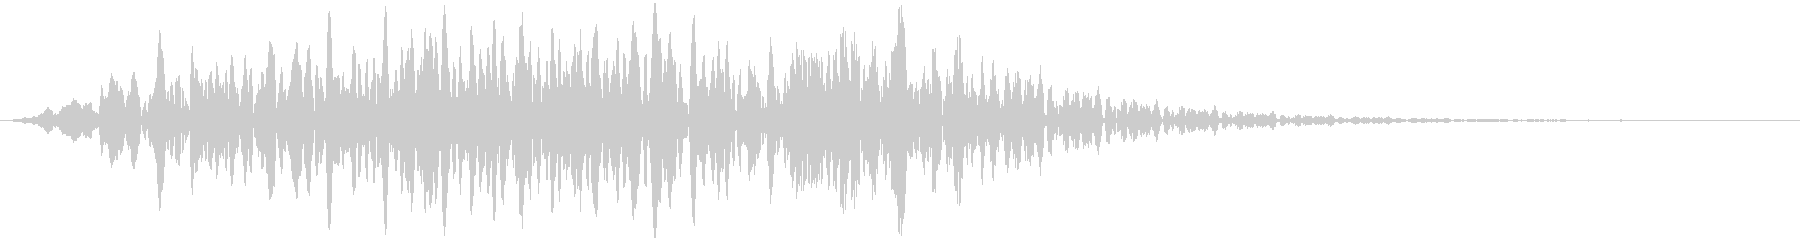 自然の音 風の未再生の波形